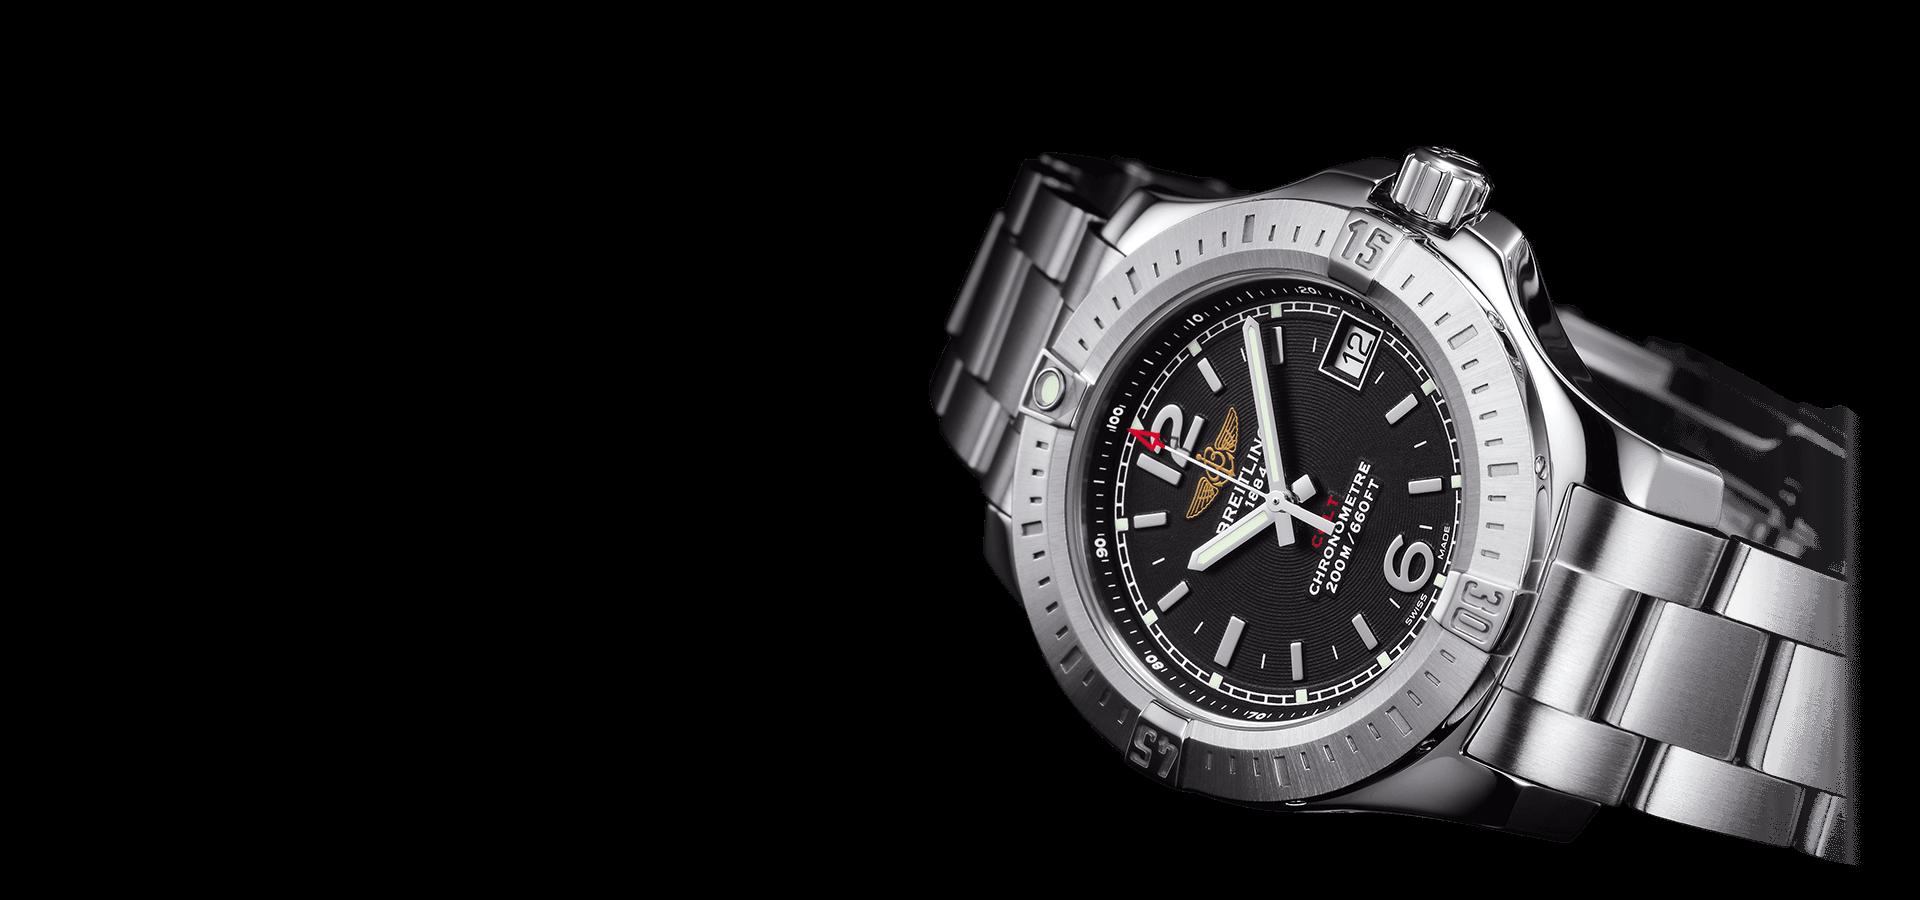 Replica Rolex Watch 18038